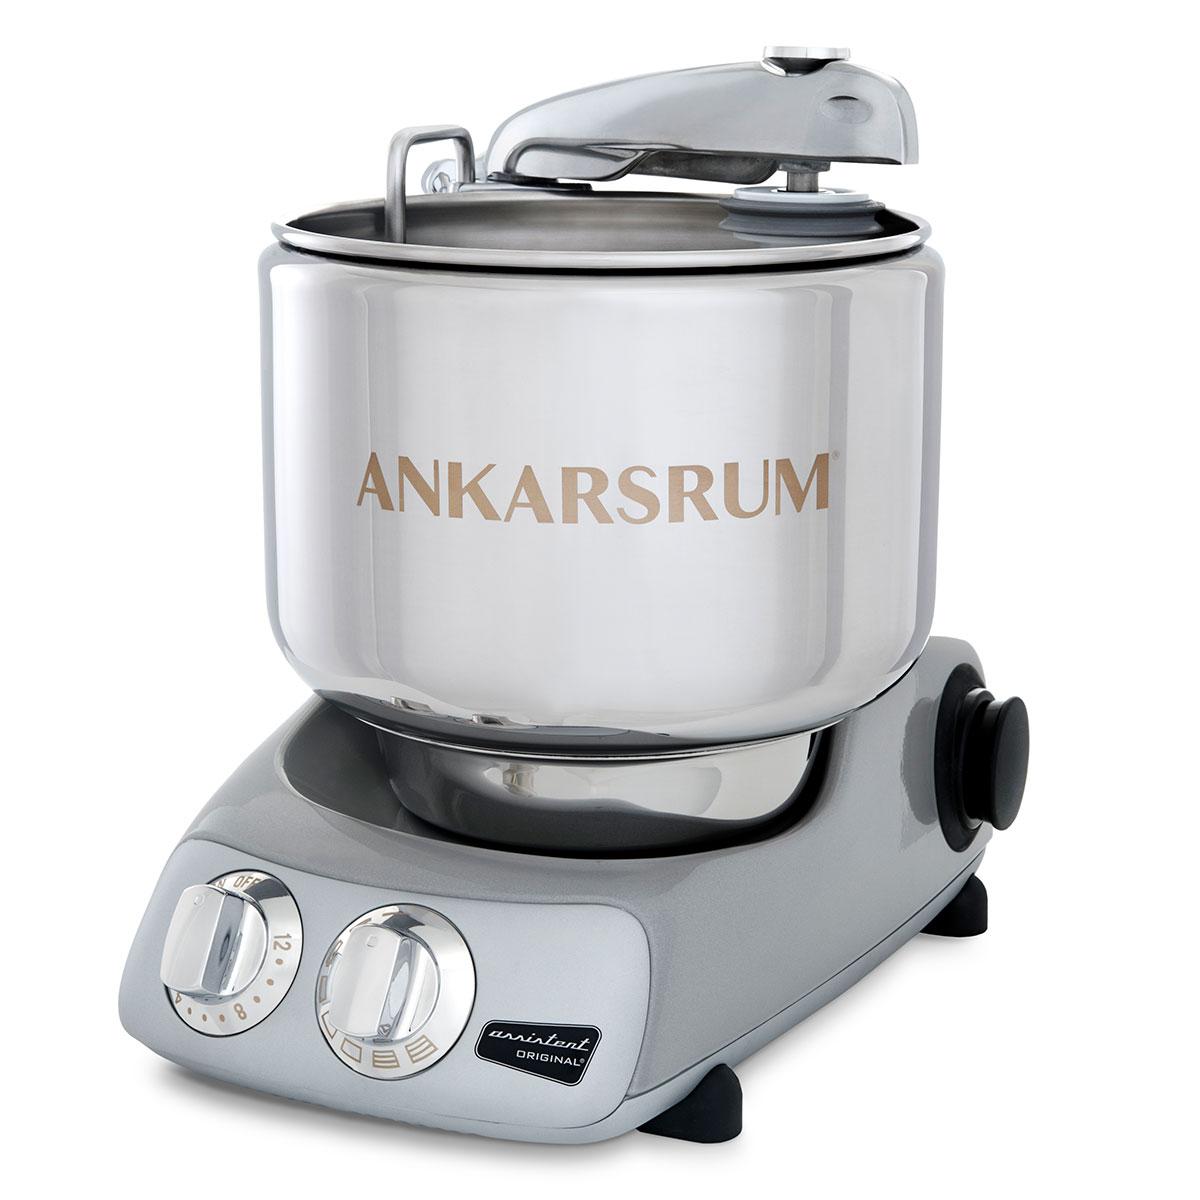 Image of   Ankarsrum køkkenmaskine - Assistent original 6230JS - Jubilee Silver